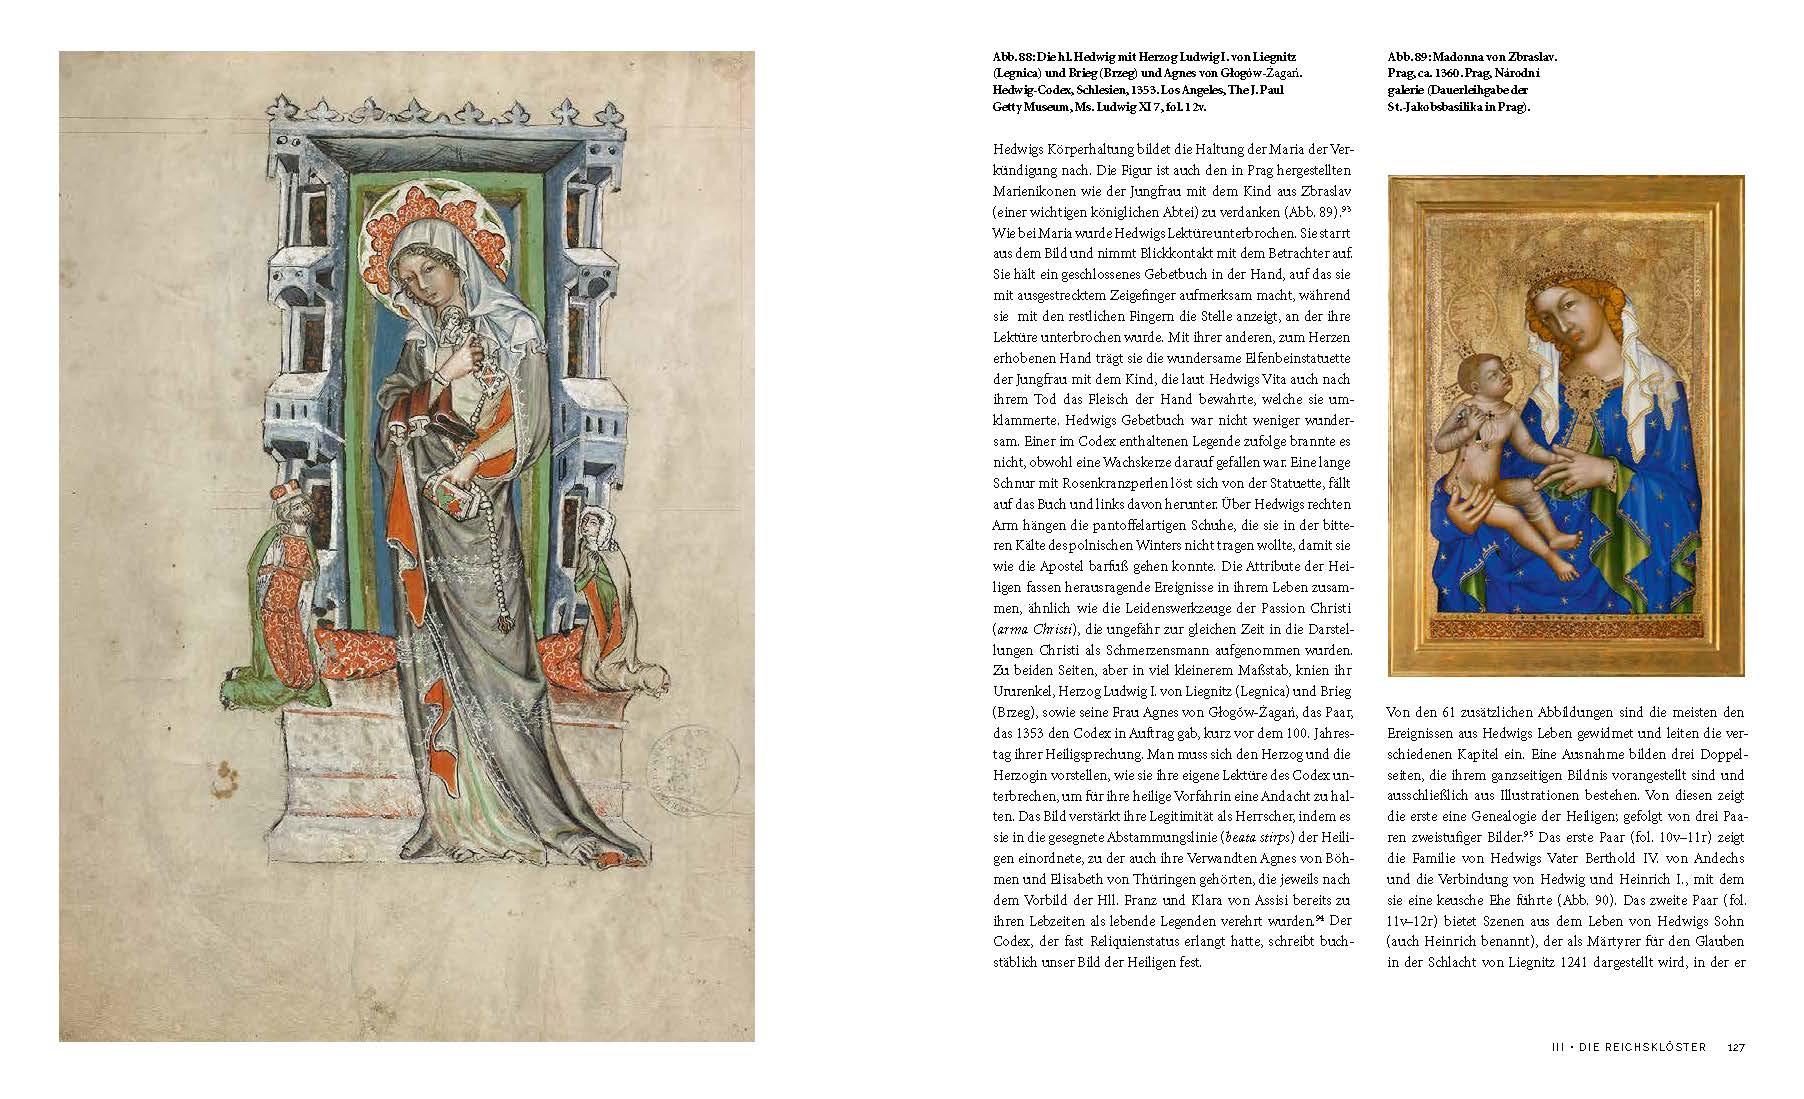 Kaiserliche Pracht, Kunstbuch-Edition, S. 126-127